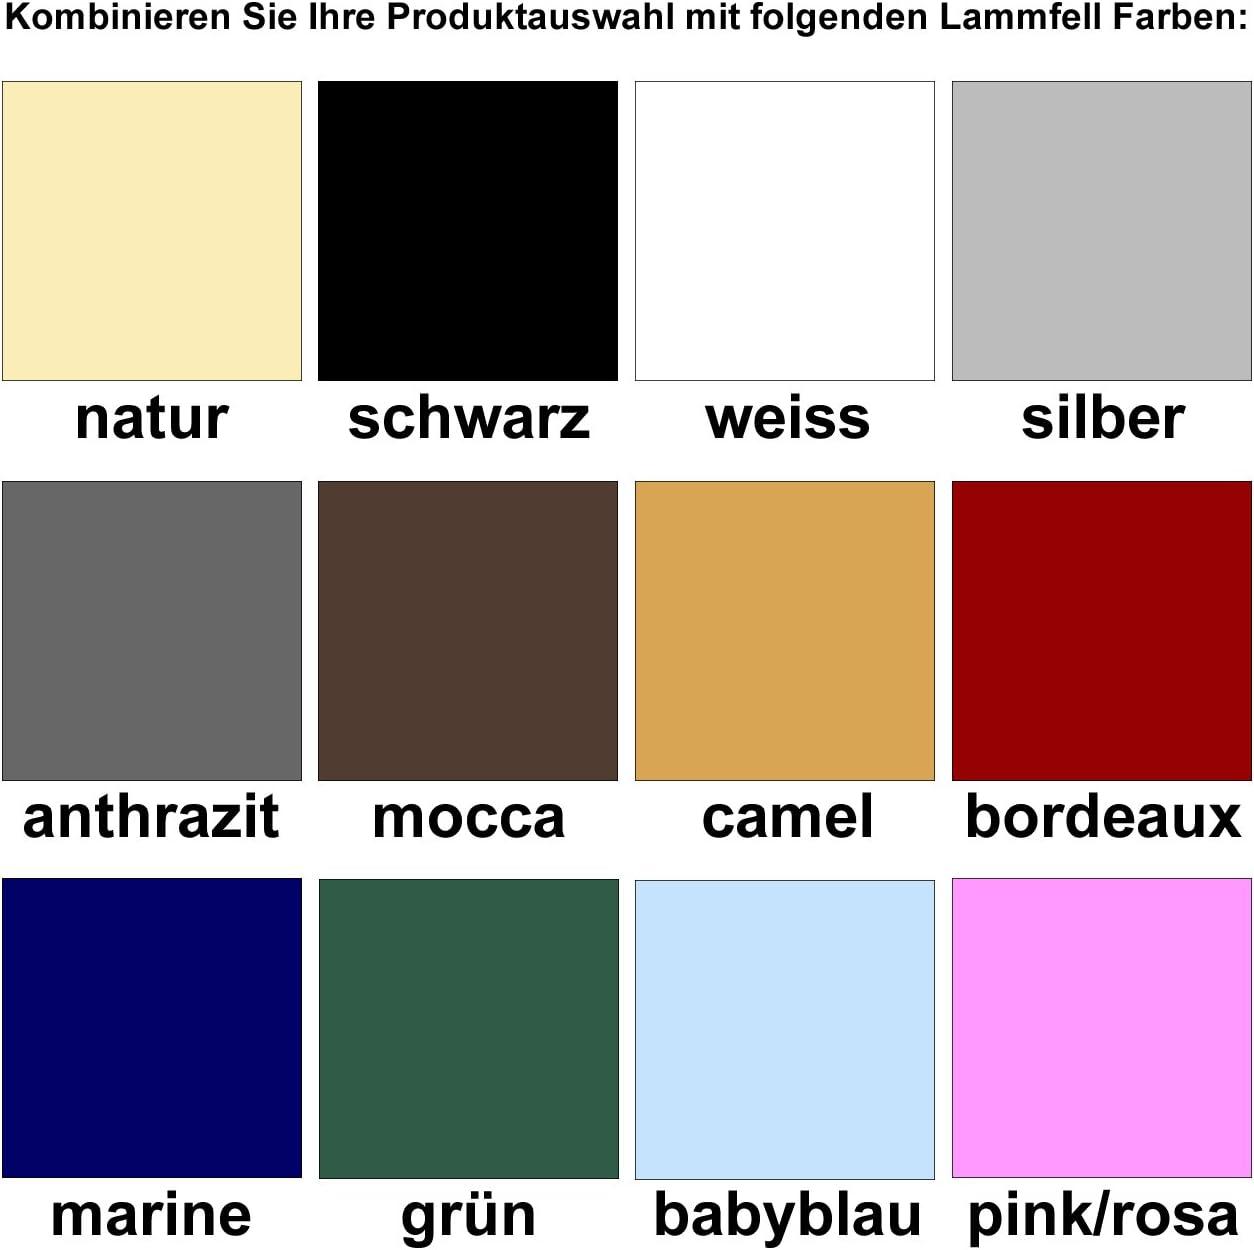 Engel Germany Tapis de Selle DE en Peau de Mouton Couleur Coton Blanc Combinez-Vous avec 12 Coleur de Peau de Mouton Sadek 4